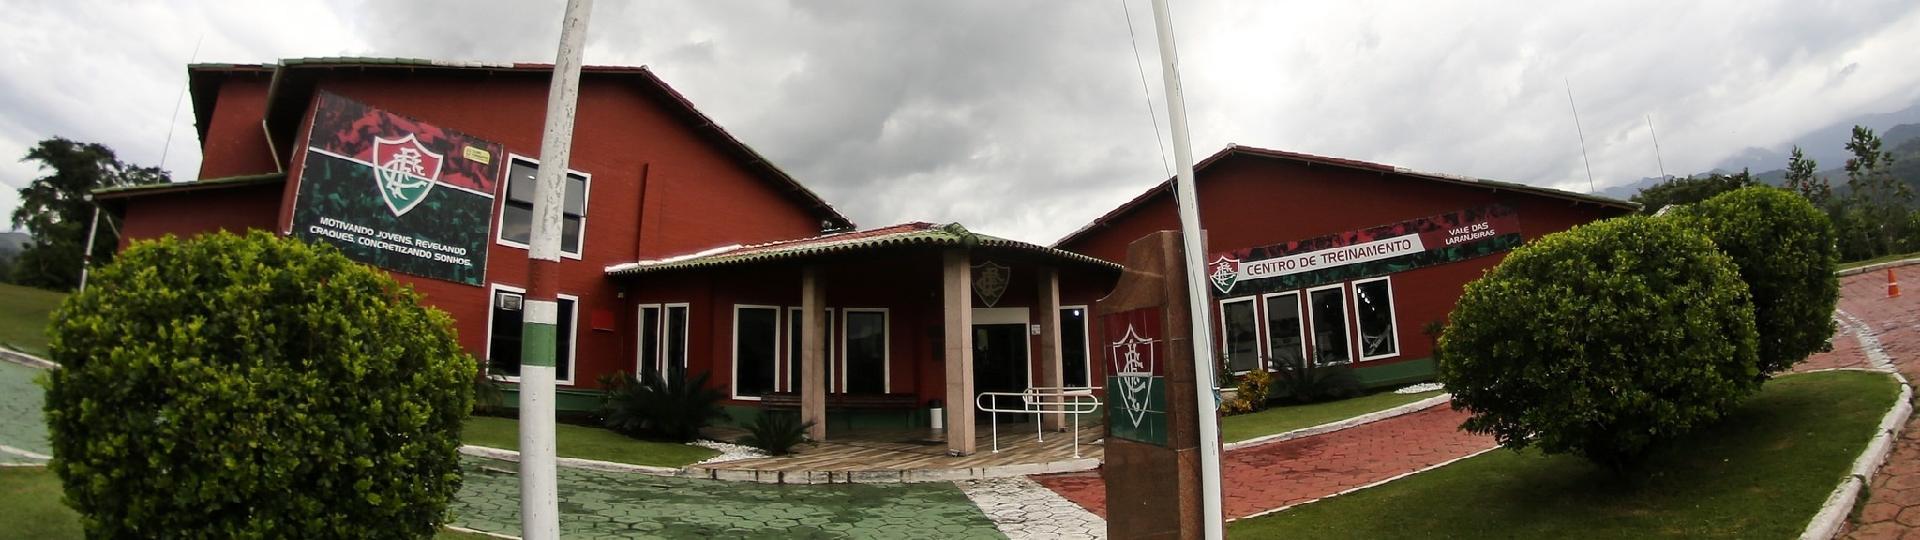 Fachada do CT de Xerém, utilizado pela base do Fluminense